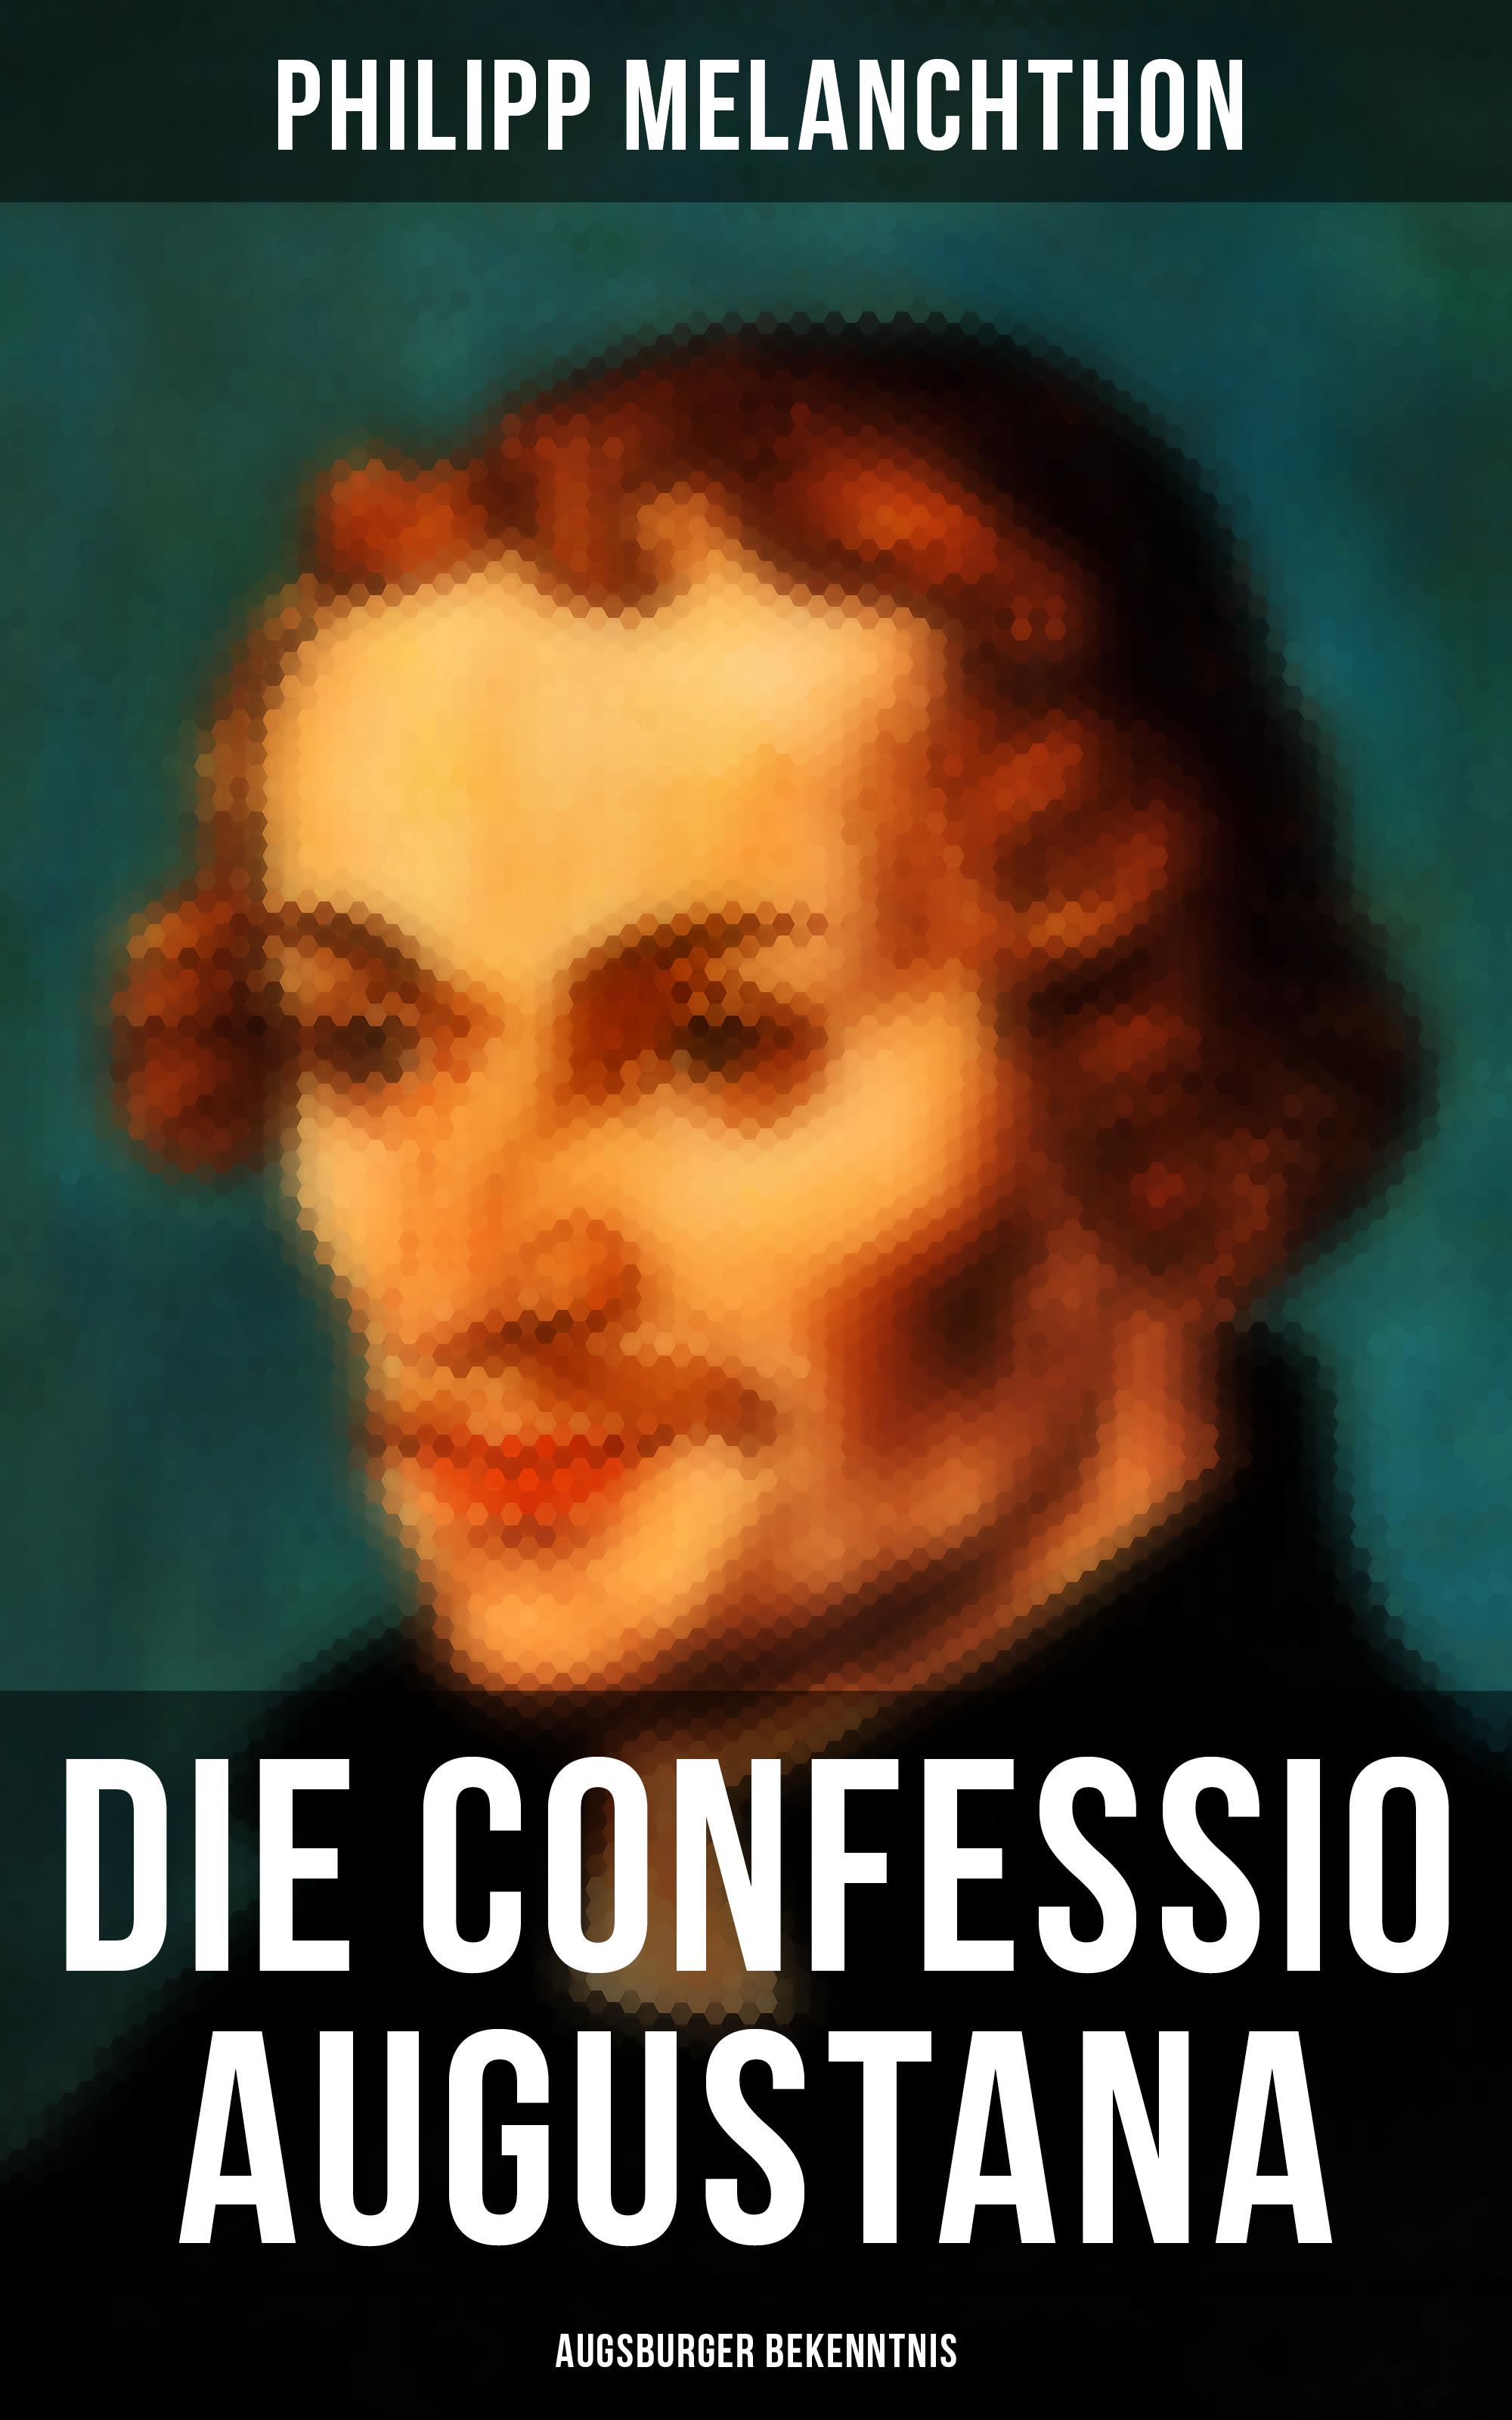 Philipp Melanchthon Die Confessio Augustana - Augsburger Bekenntnis paul pressel philipp melanchthon